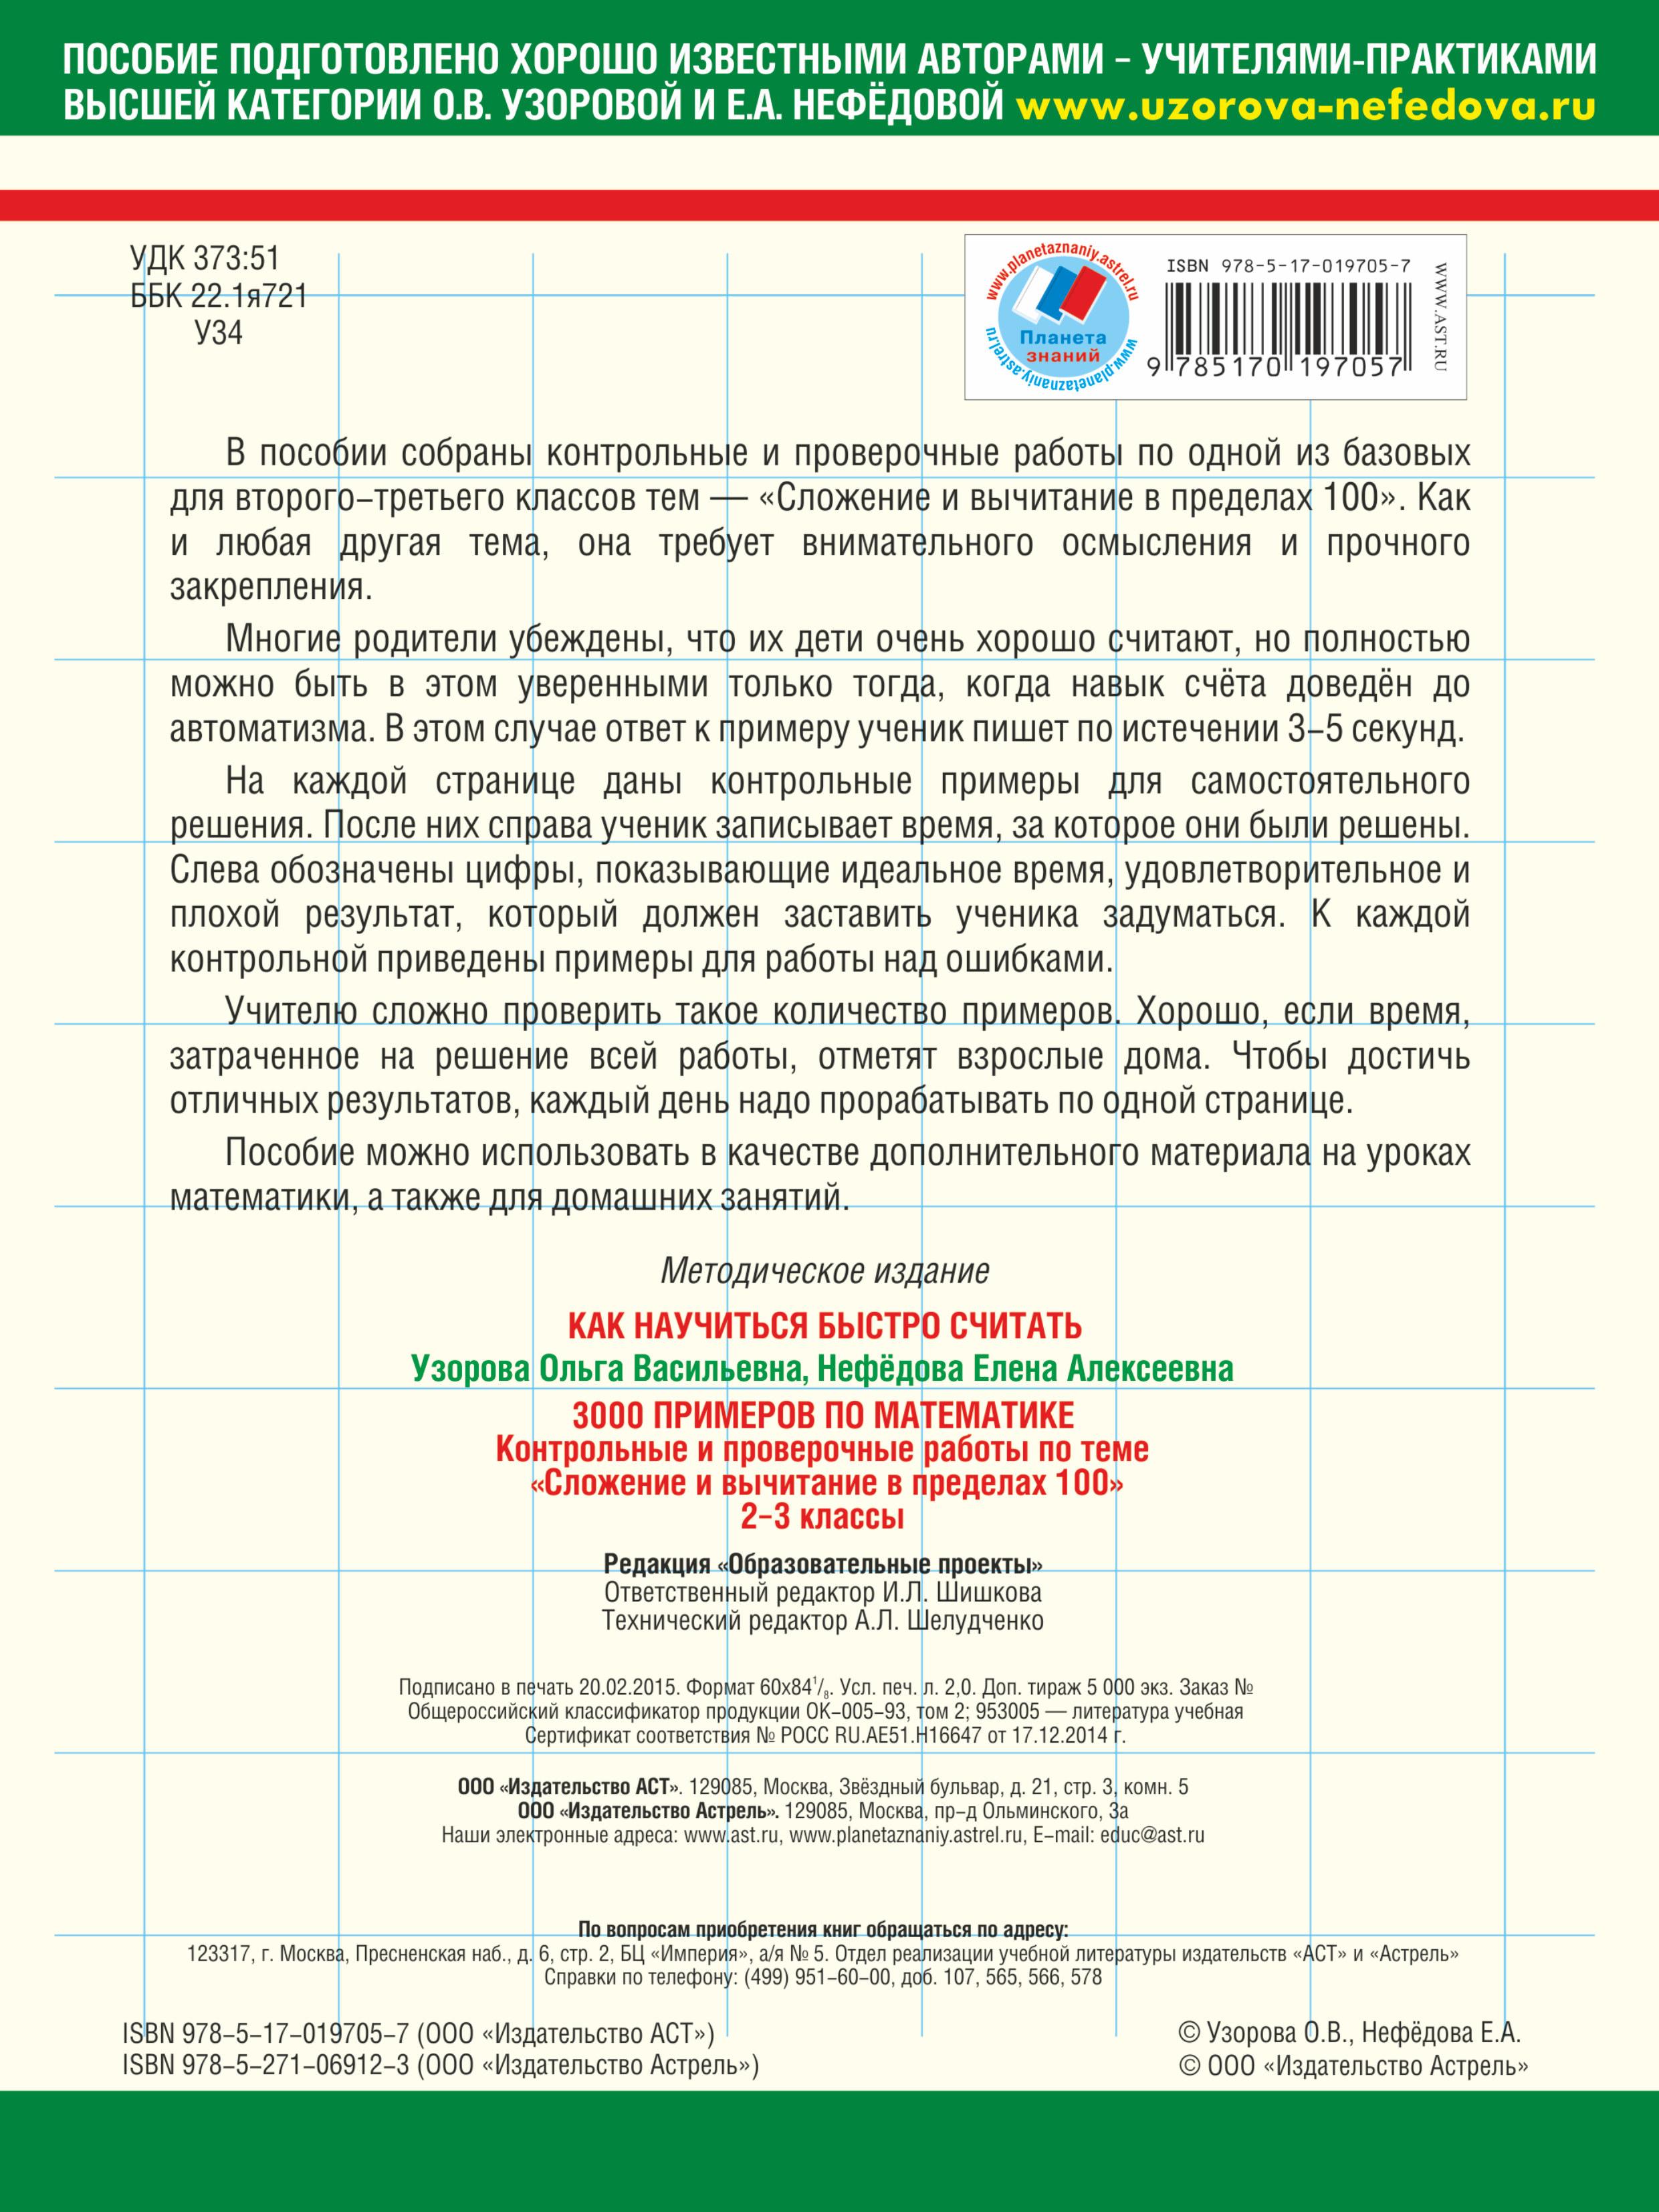 """Математика. 2-3 классы. 3000 примеров. Контрольные и проверочные работы по теме """"Сложение и вычитание в пределах 100"""""""